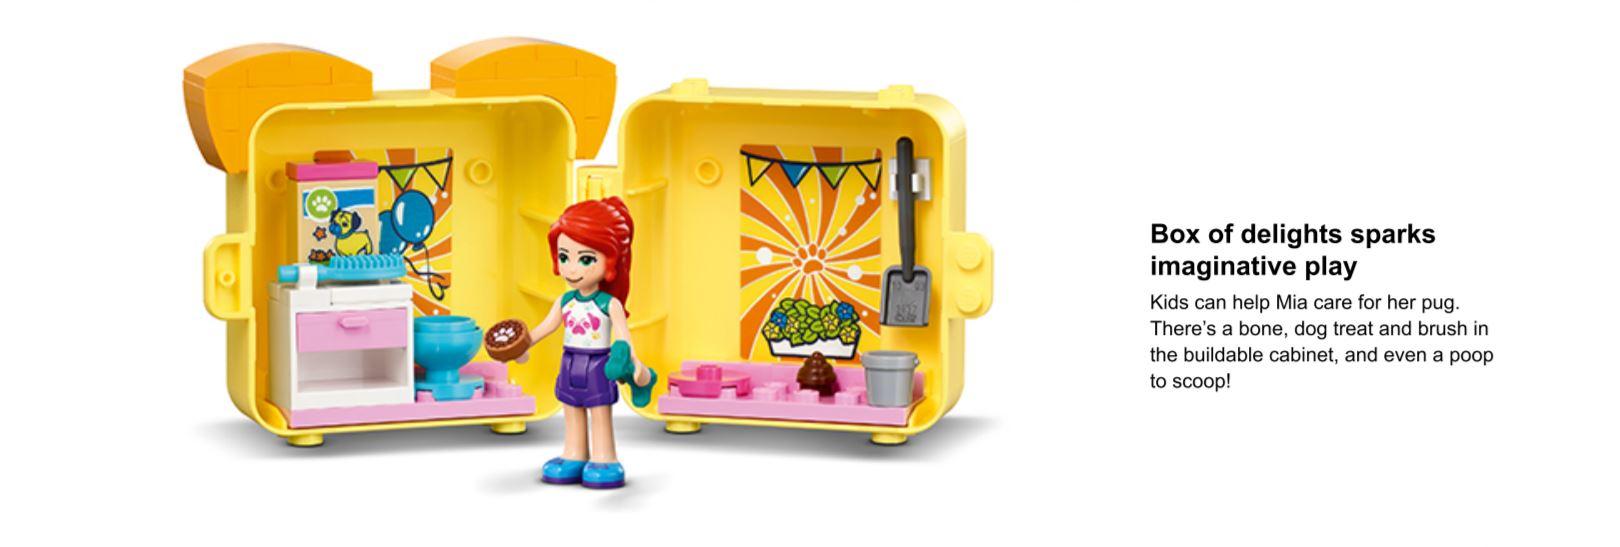 lego cube set shot